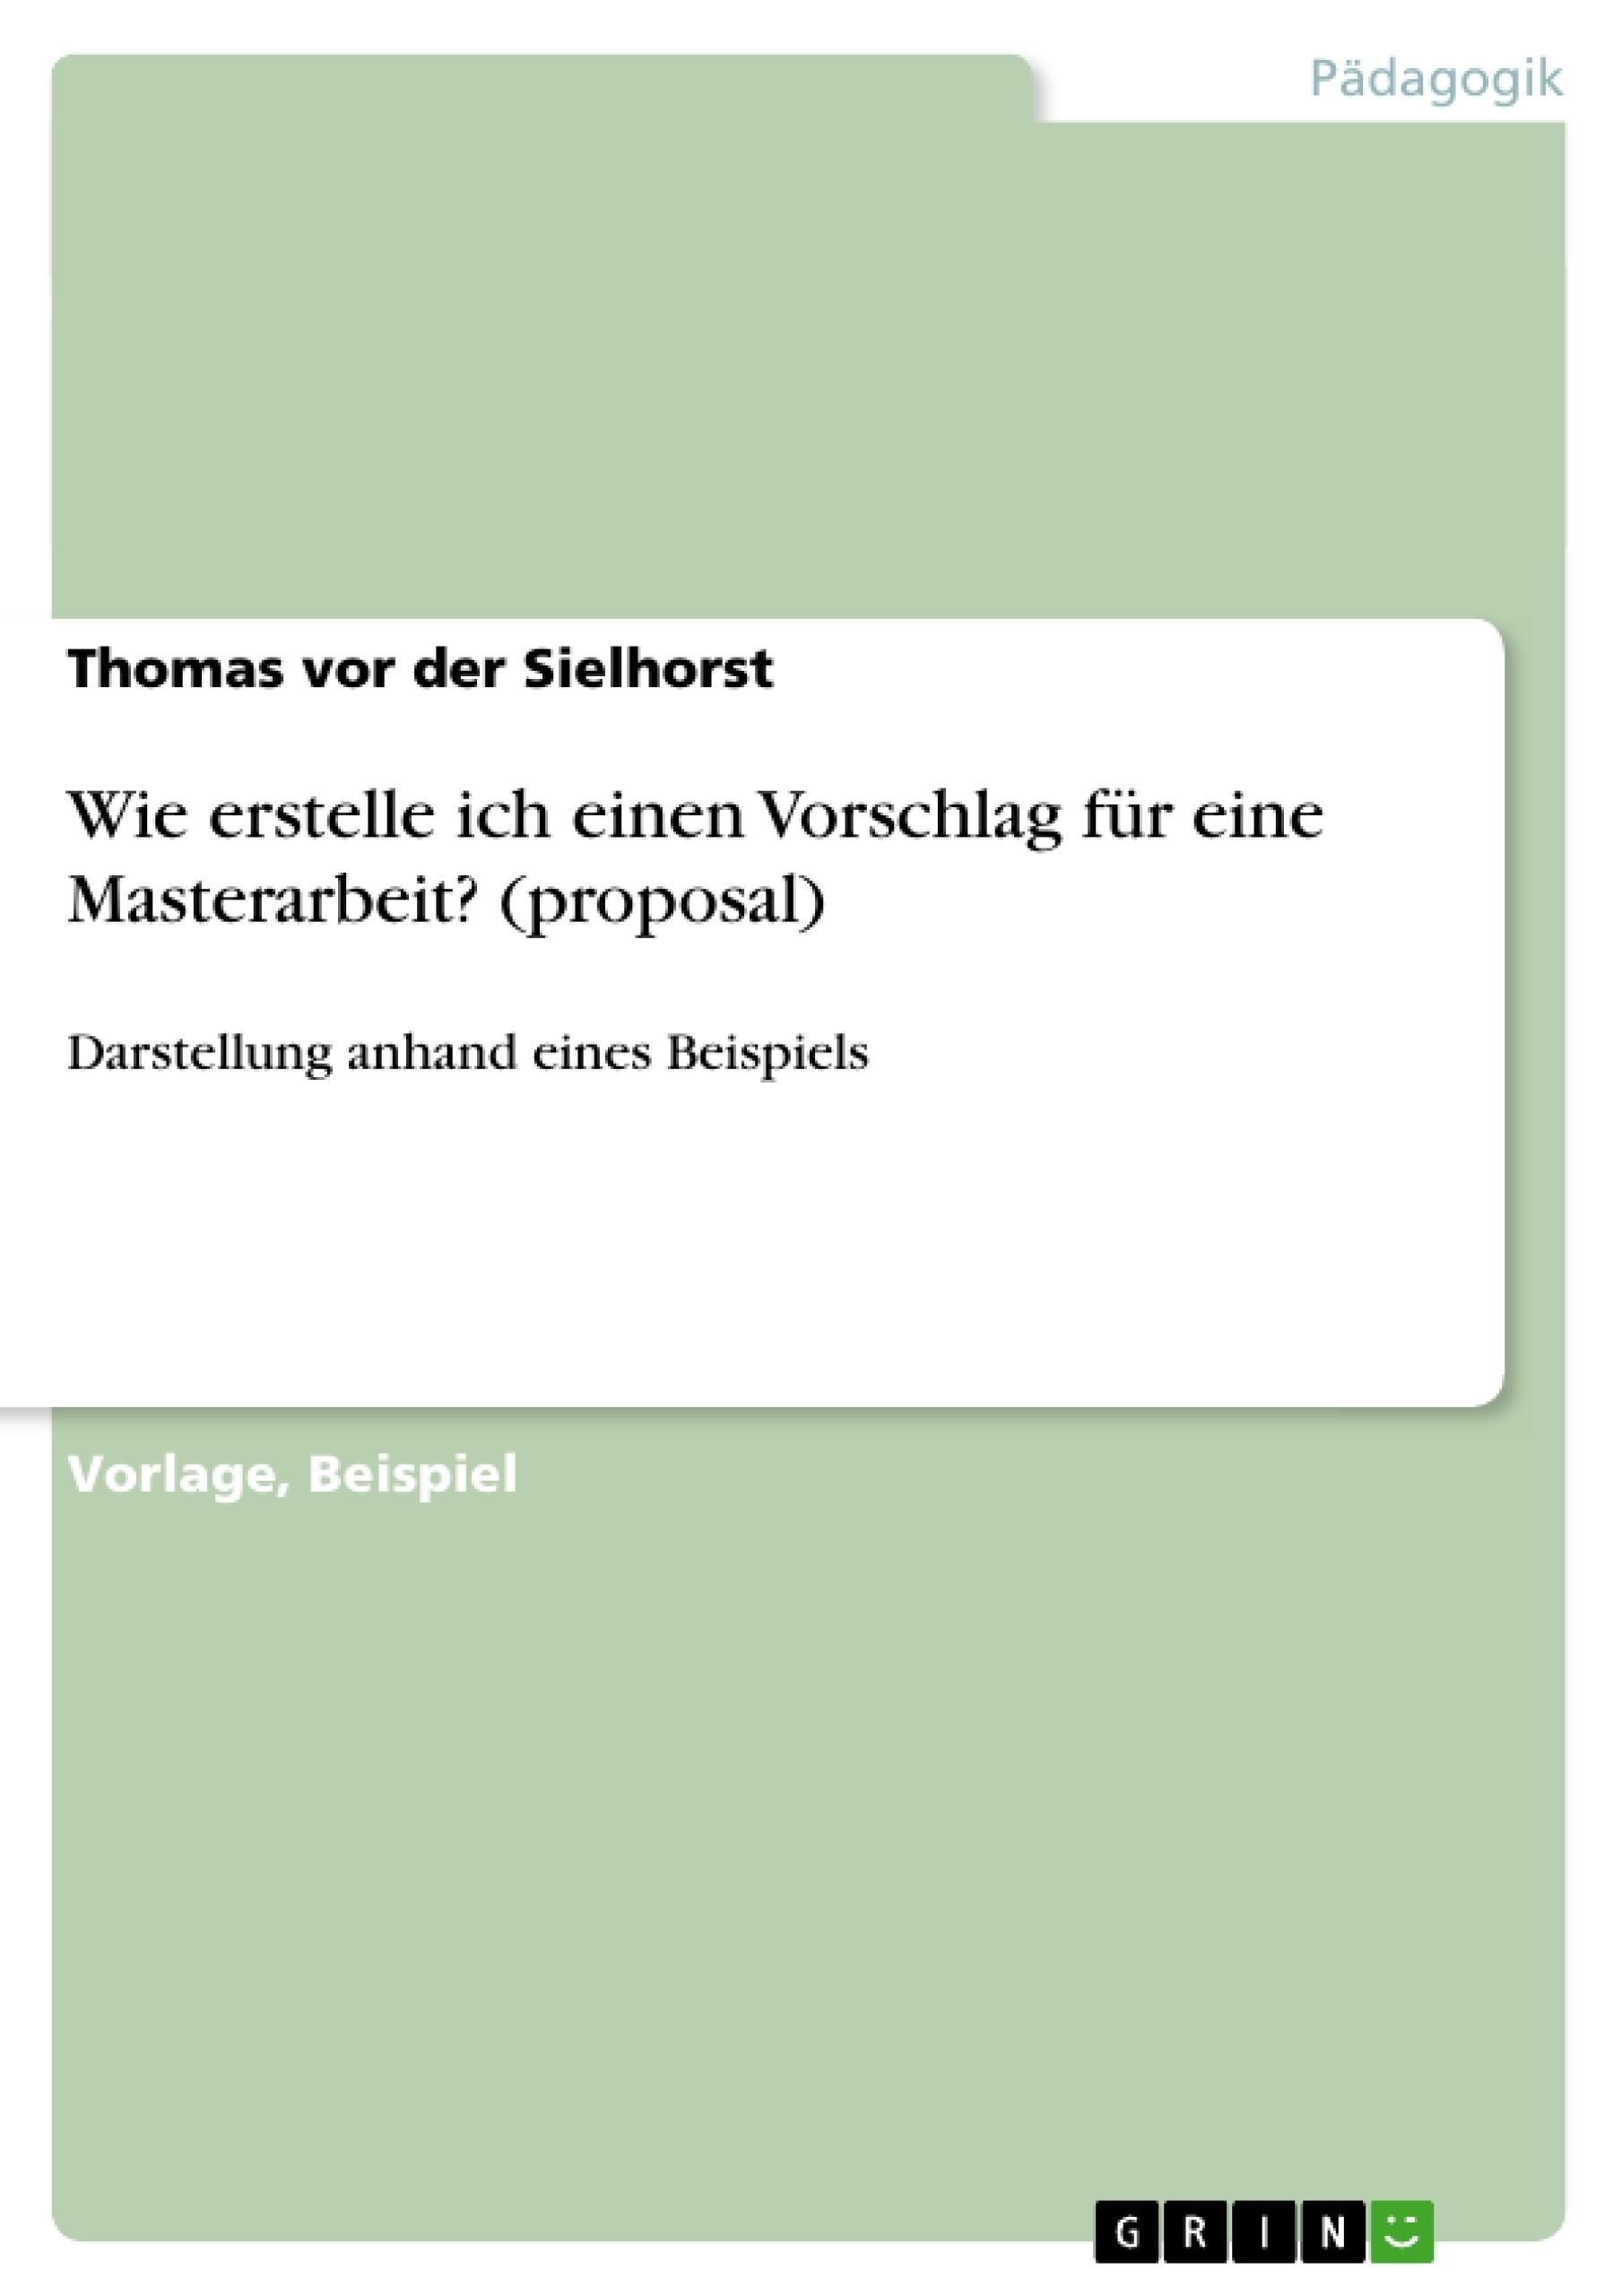 Charmant Vorschlag Vorlage Beispiel Galerie ...